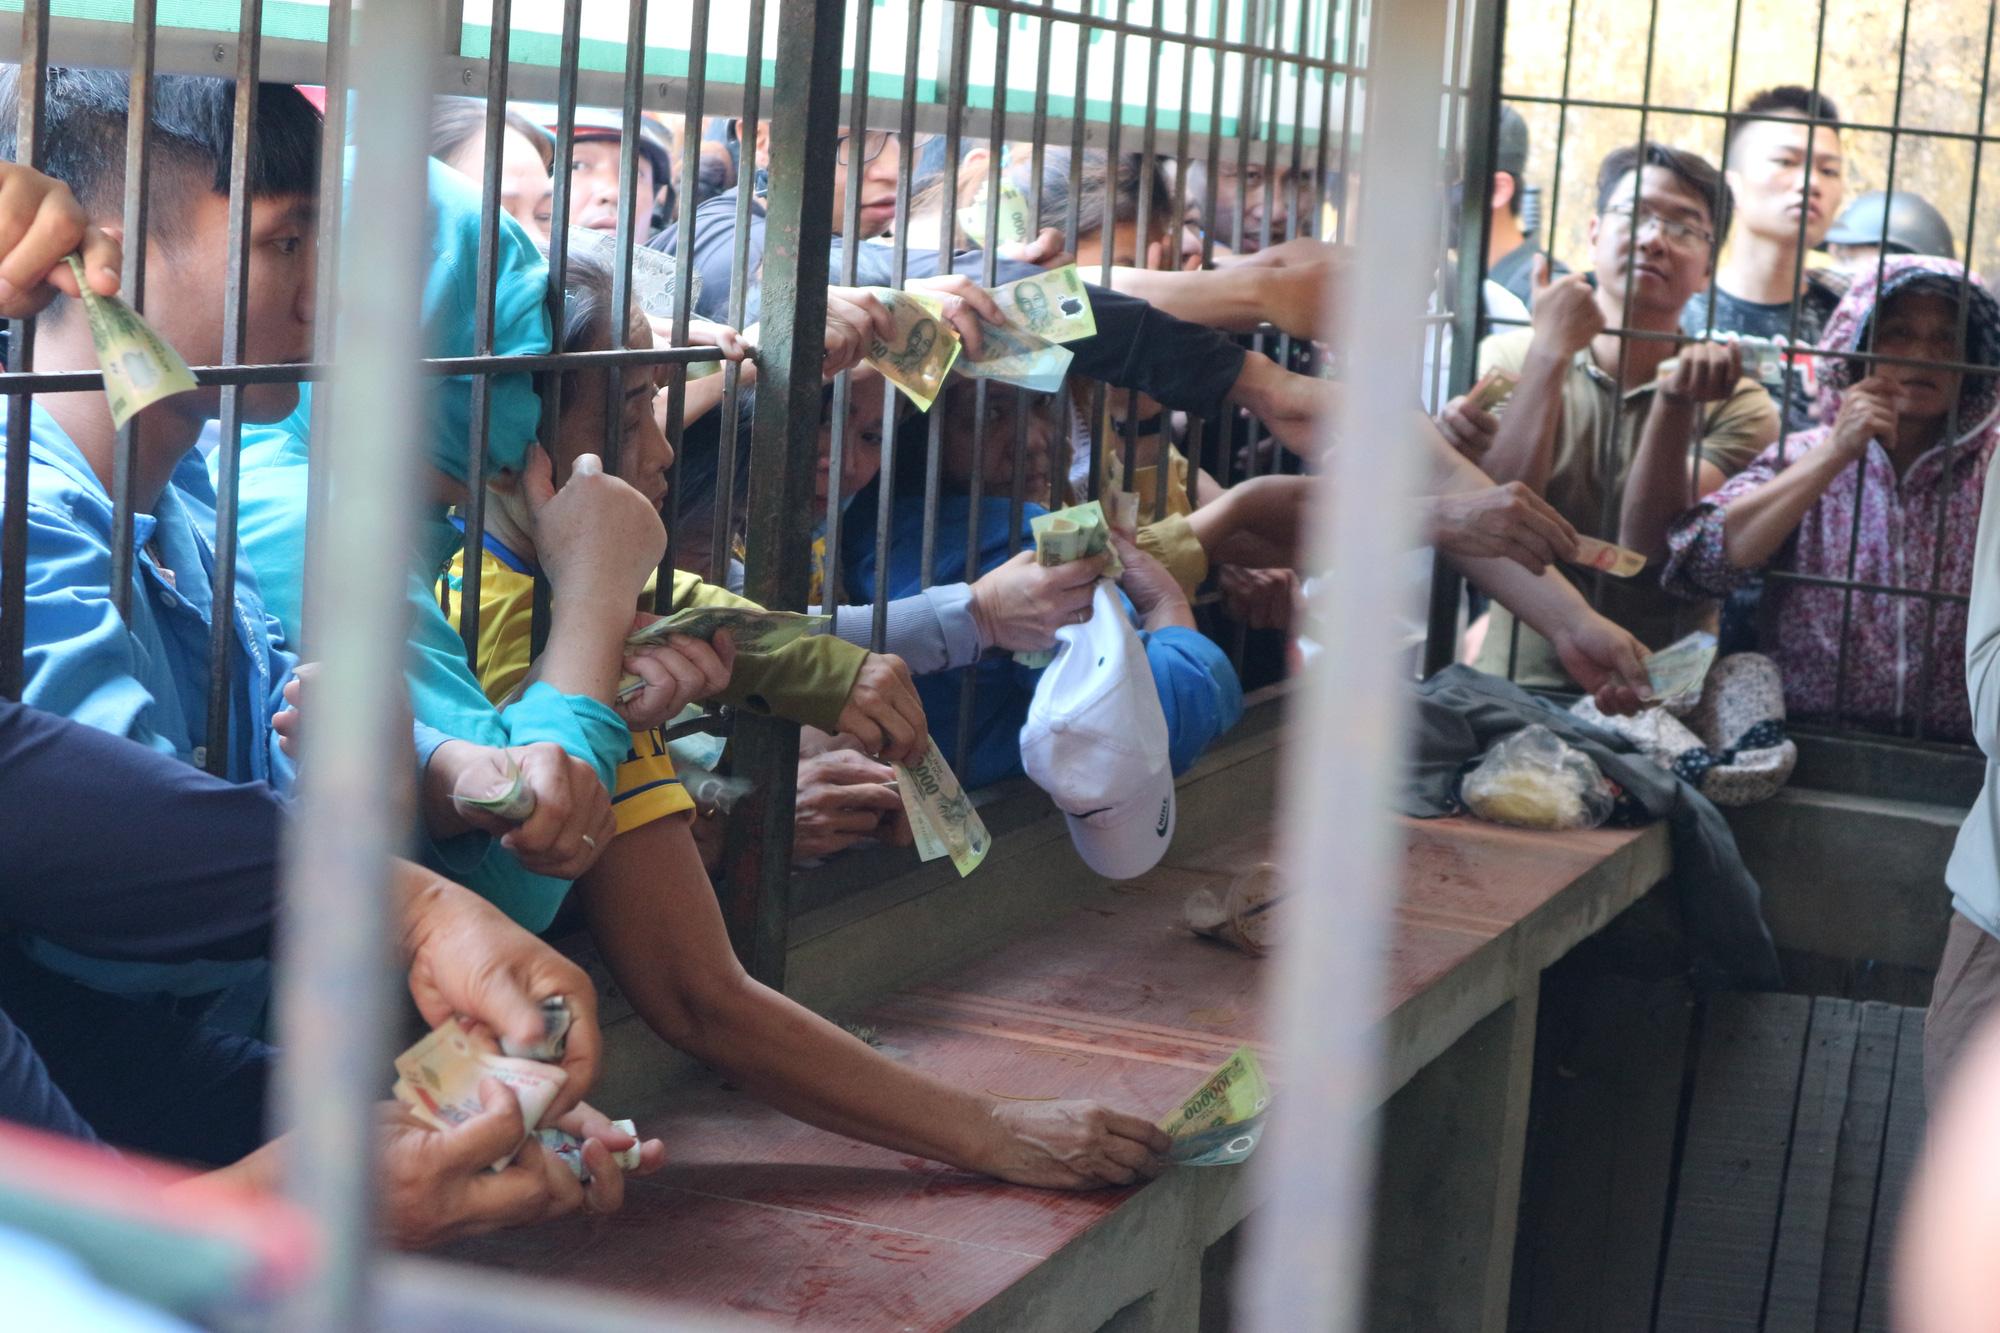 Hàng ngàn cổ động viên xứ Nghệ chen chân mua vé vào sân Vinh - Ảnh 9.